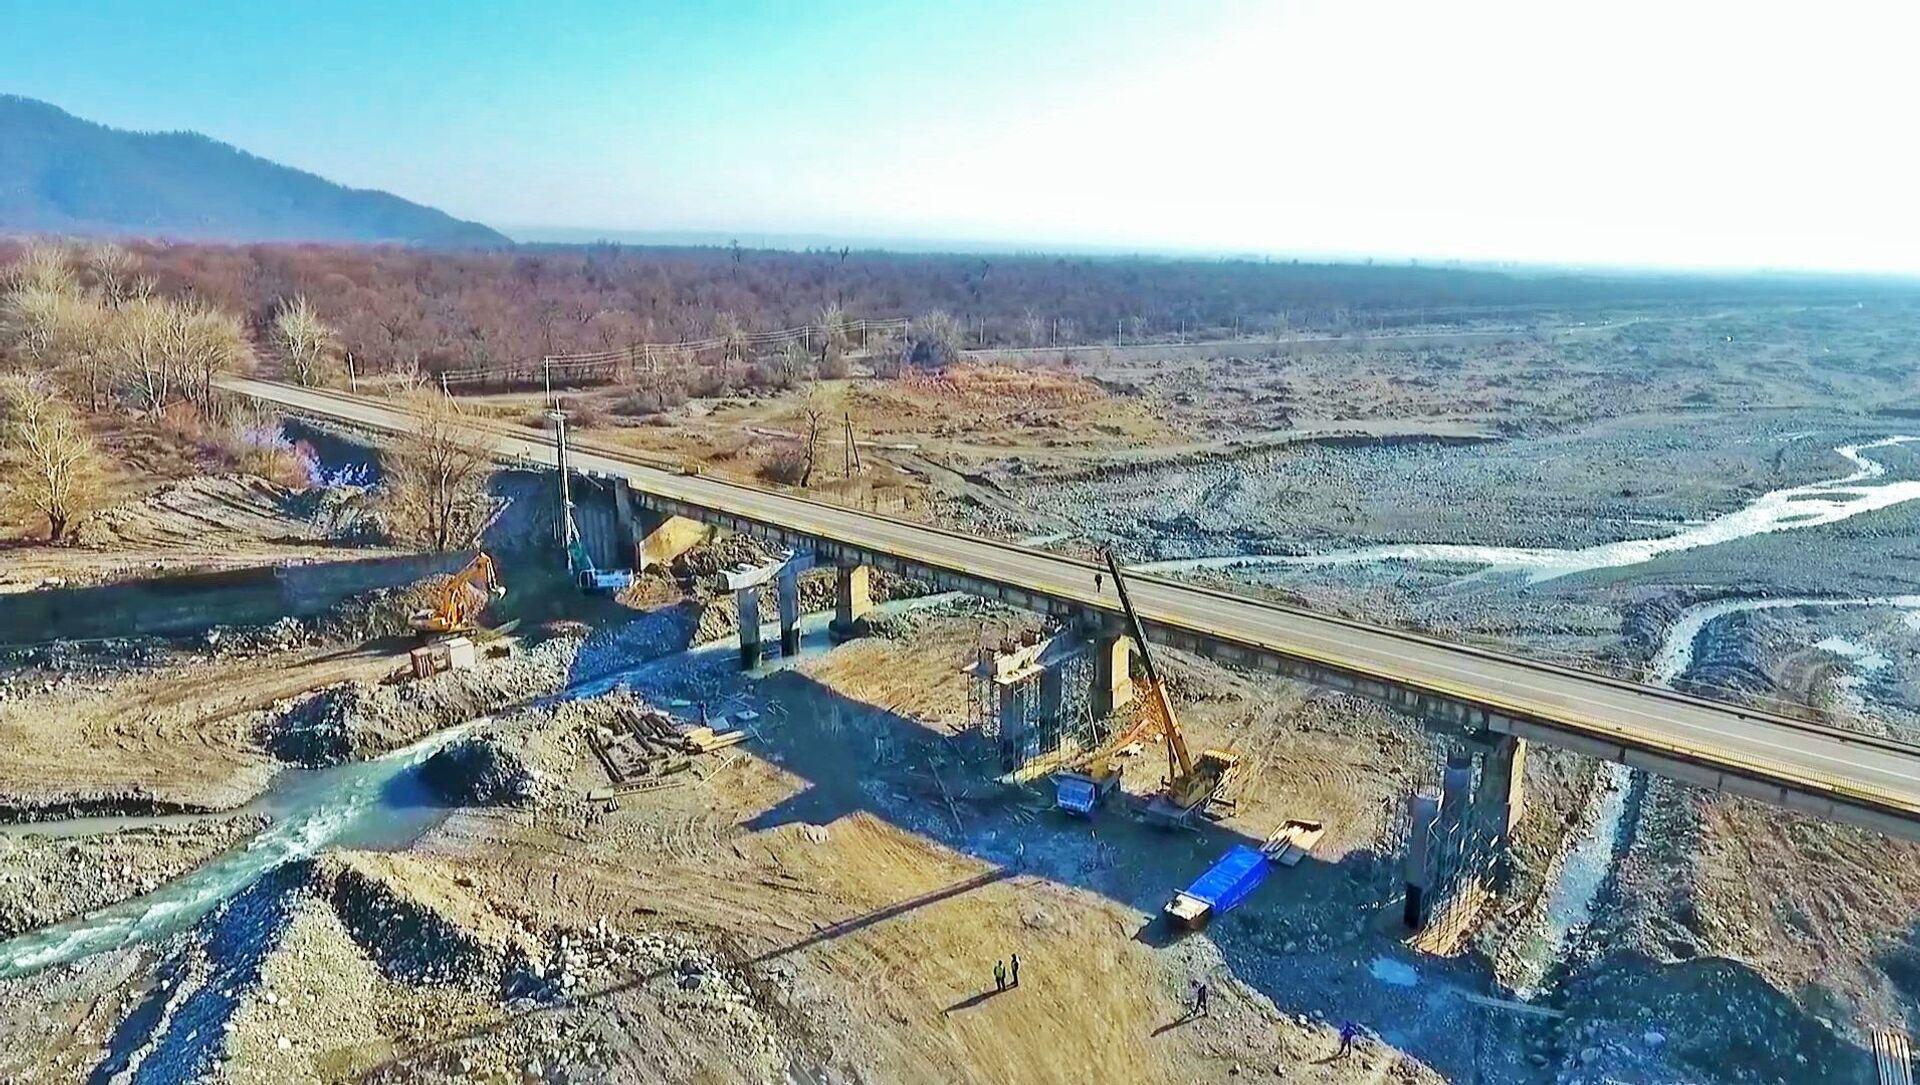 Şimal-qərb istiqamətində yeni yolun və körpülərin inşasına başlanılıb - Sputnik Азербайджан, 1920, 13.02.2021